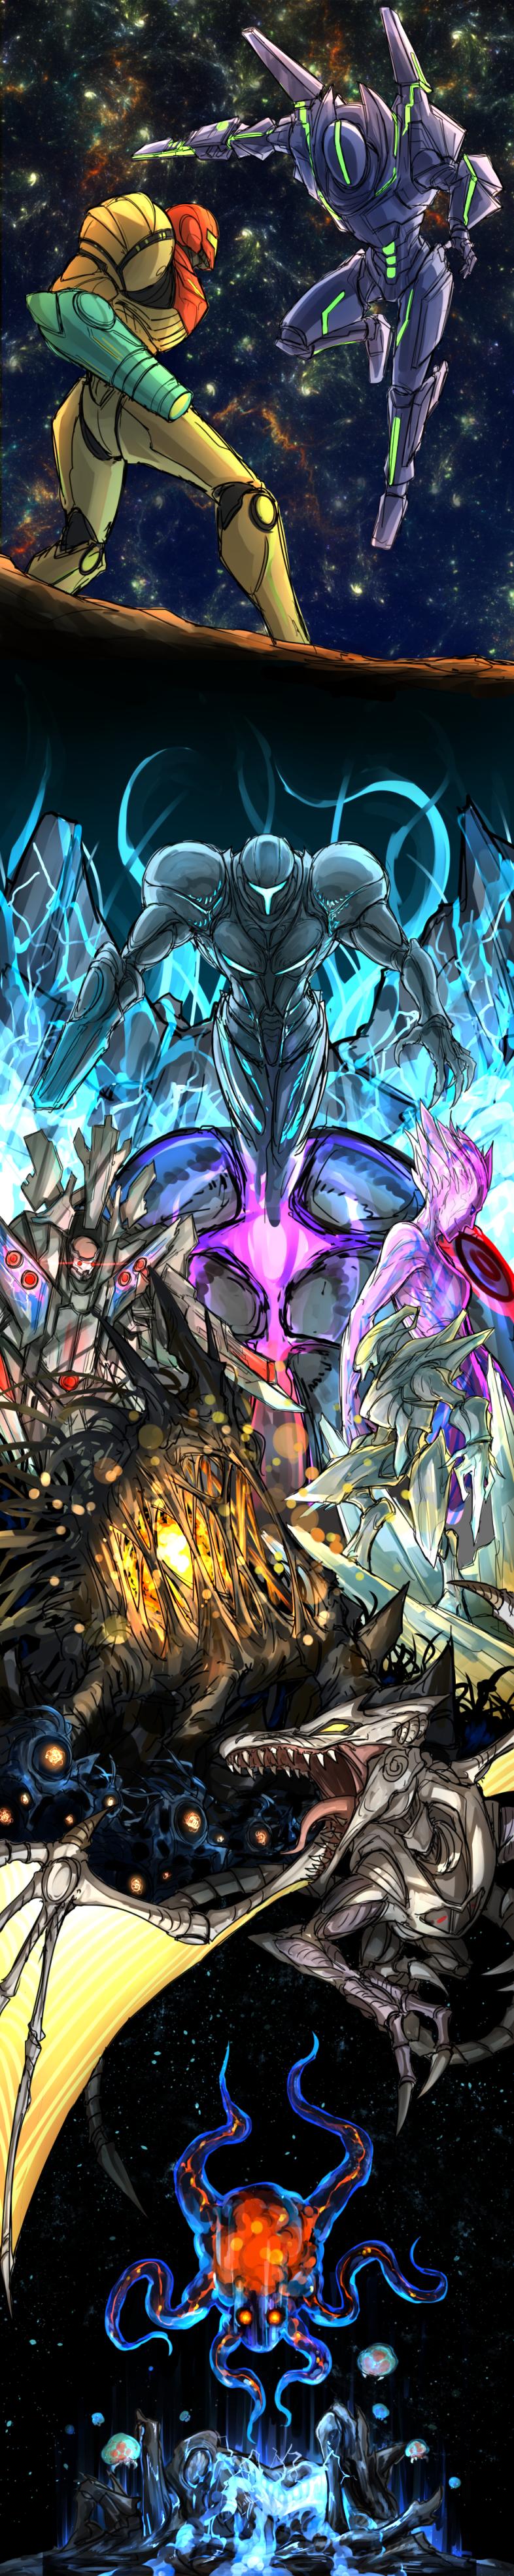 absurdres alien arm_cannon dark_samus energy fighting floating gandrayada ghor highres ing_(metroid) kan_(aaaaari35) long_image metroid metroid_(creature) metroid_prime metroid_prime_(creature) metroid_prime_2:_echoes metroid_prime_3:_corruption power_armor pterosaur ridley rundas samus_aran space sylux_(metroid) tall_image tentacle weapon wings